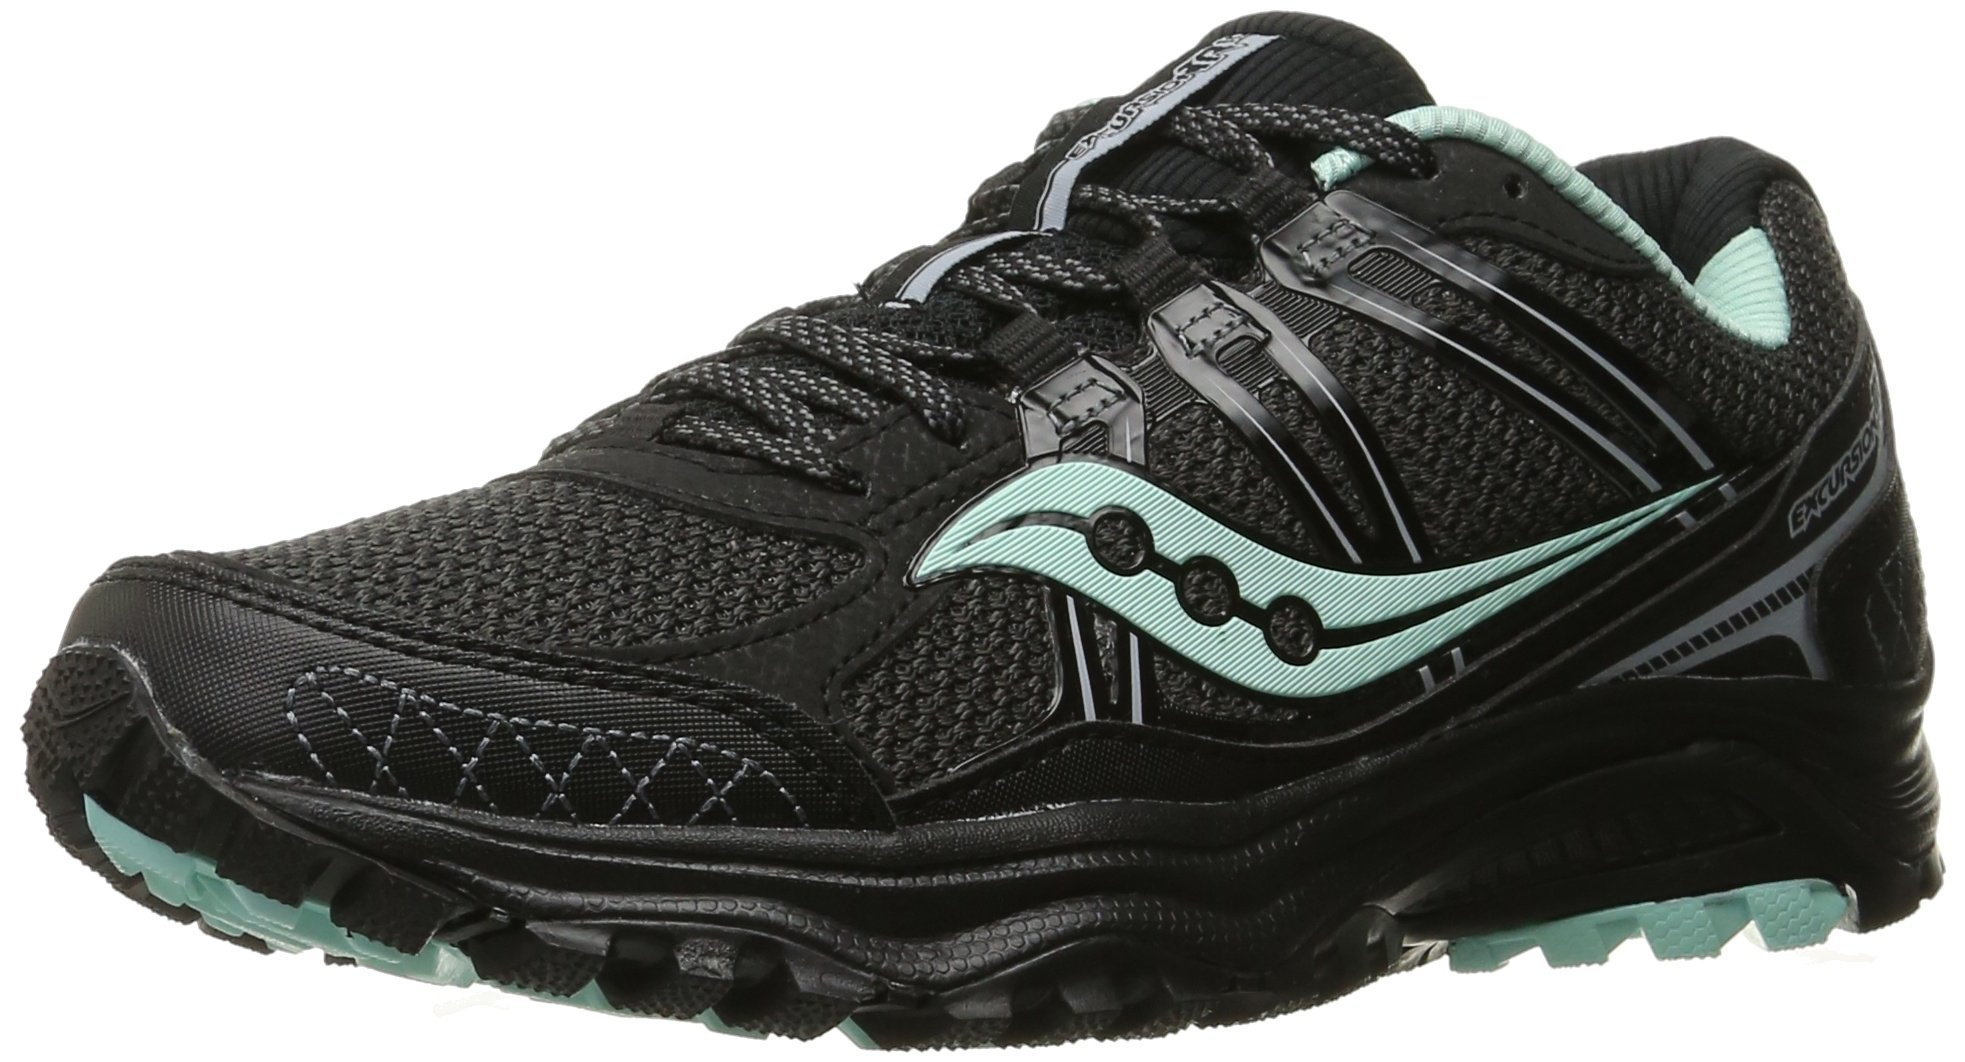 Saucony Women's Grid Excursion Tr10 Trail running Shoe, Black/Mint, 7 M US